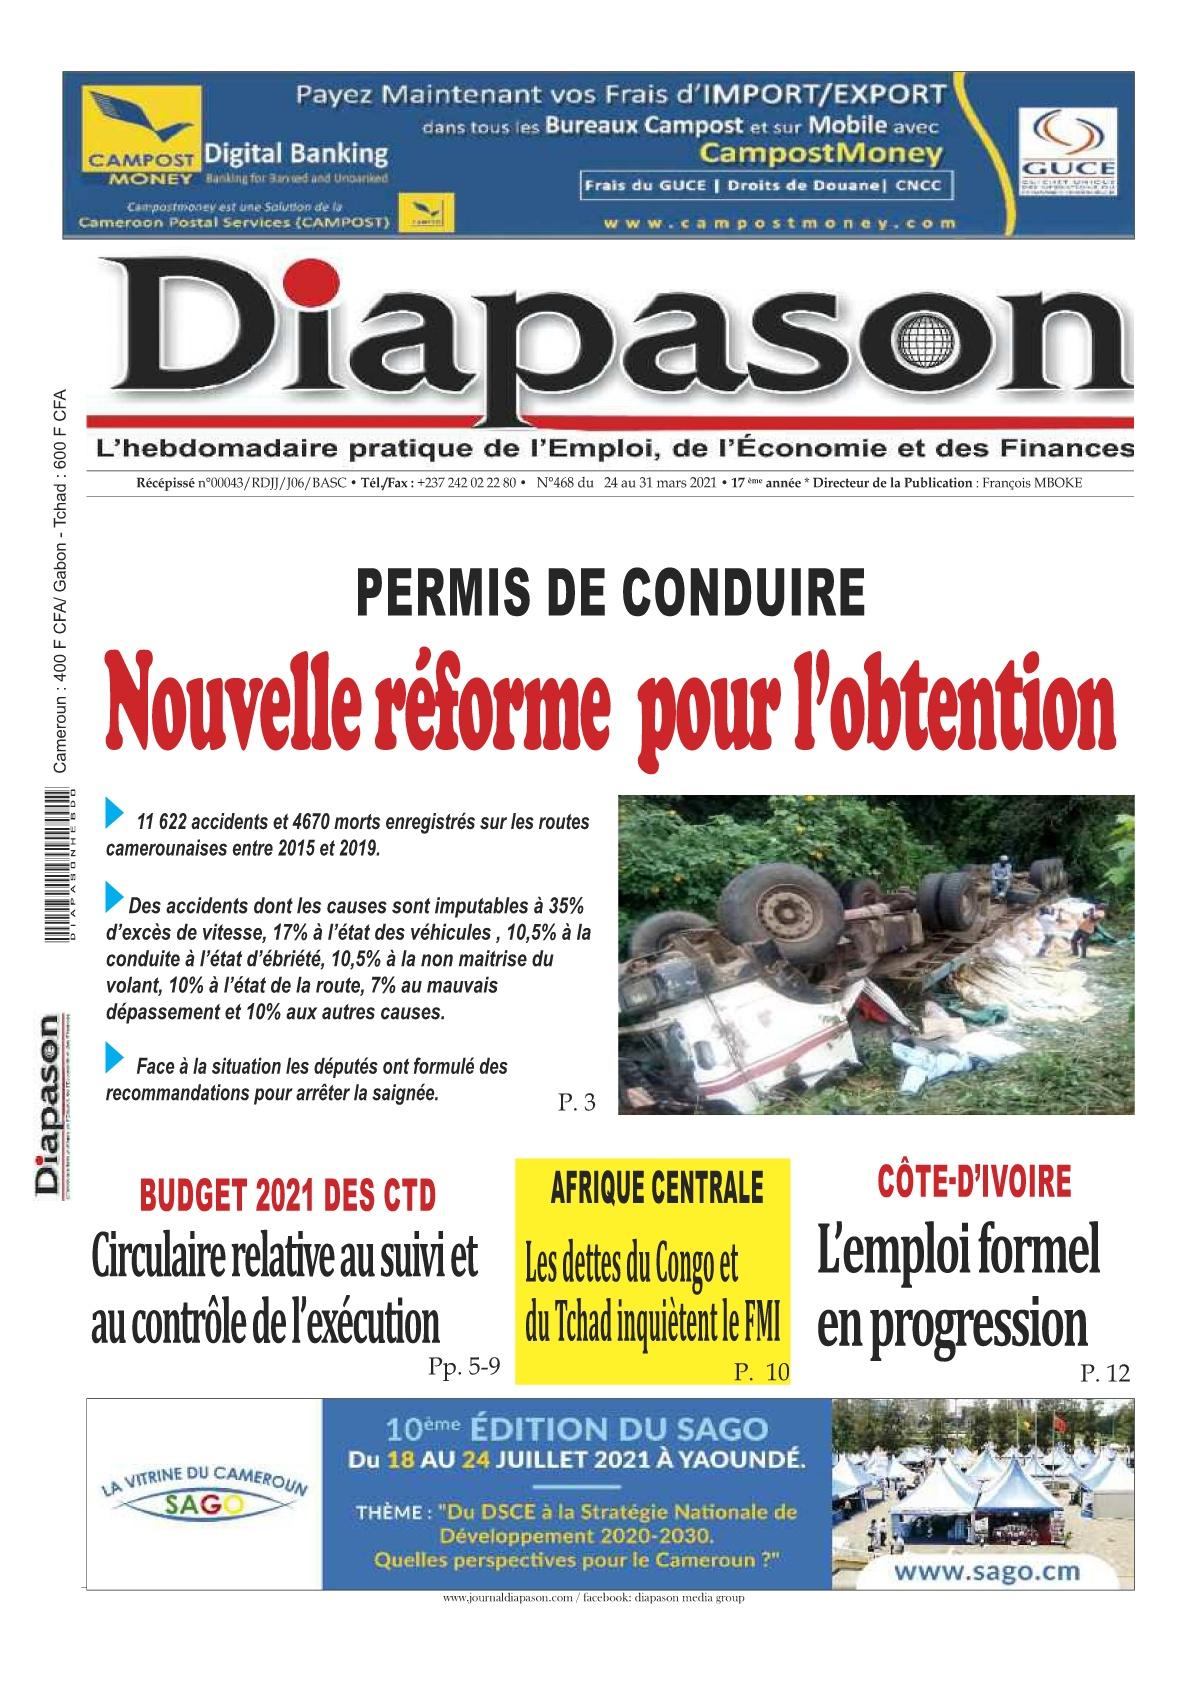 Diapason - 25/03/2021